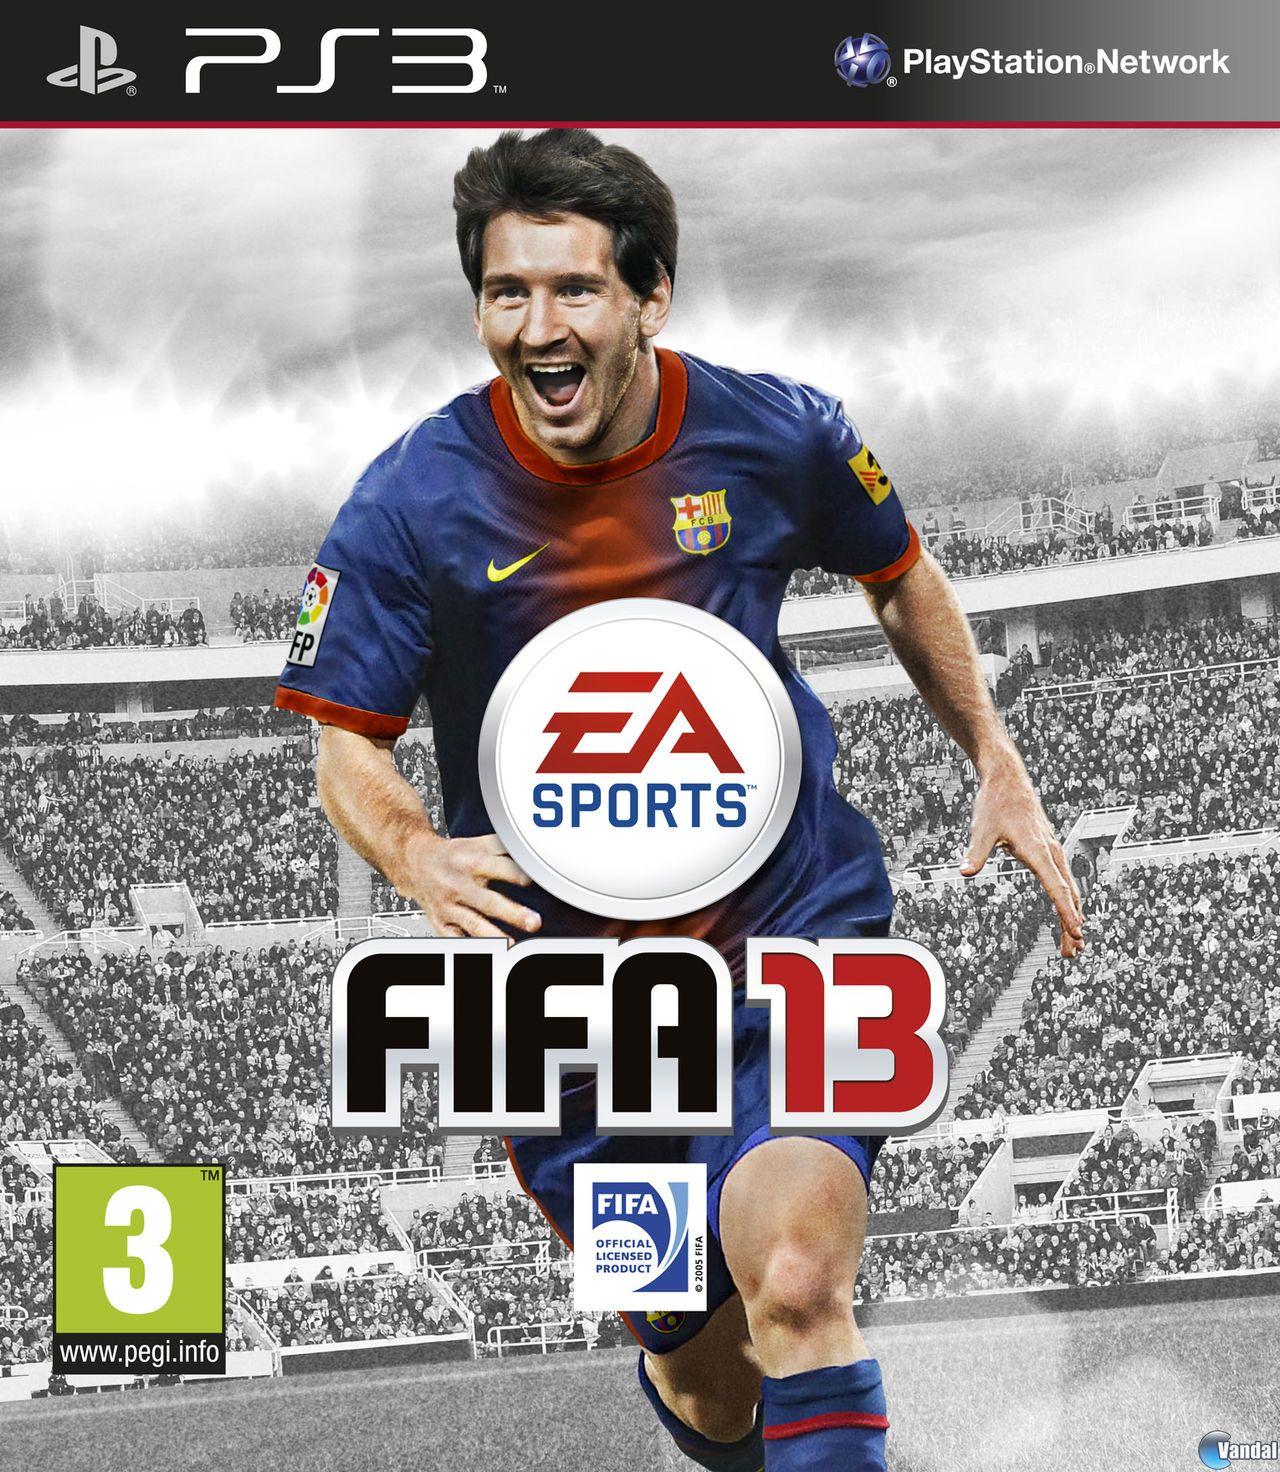 Ya Puedes Reservar En Fnac Es Tu Copia Del Fifa 13 Fifa 13 Fifa Games Fifa